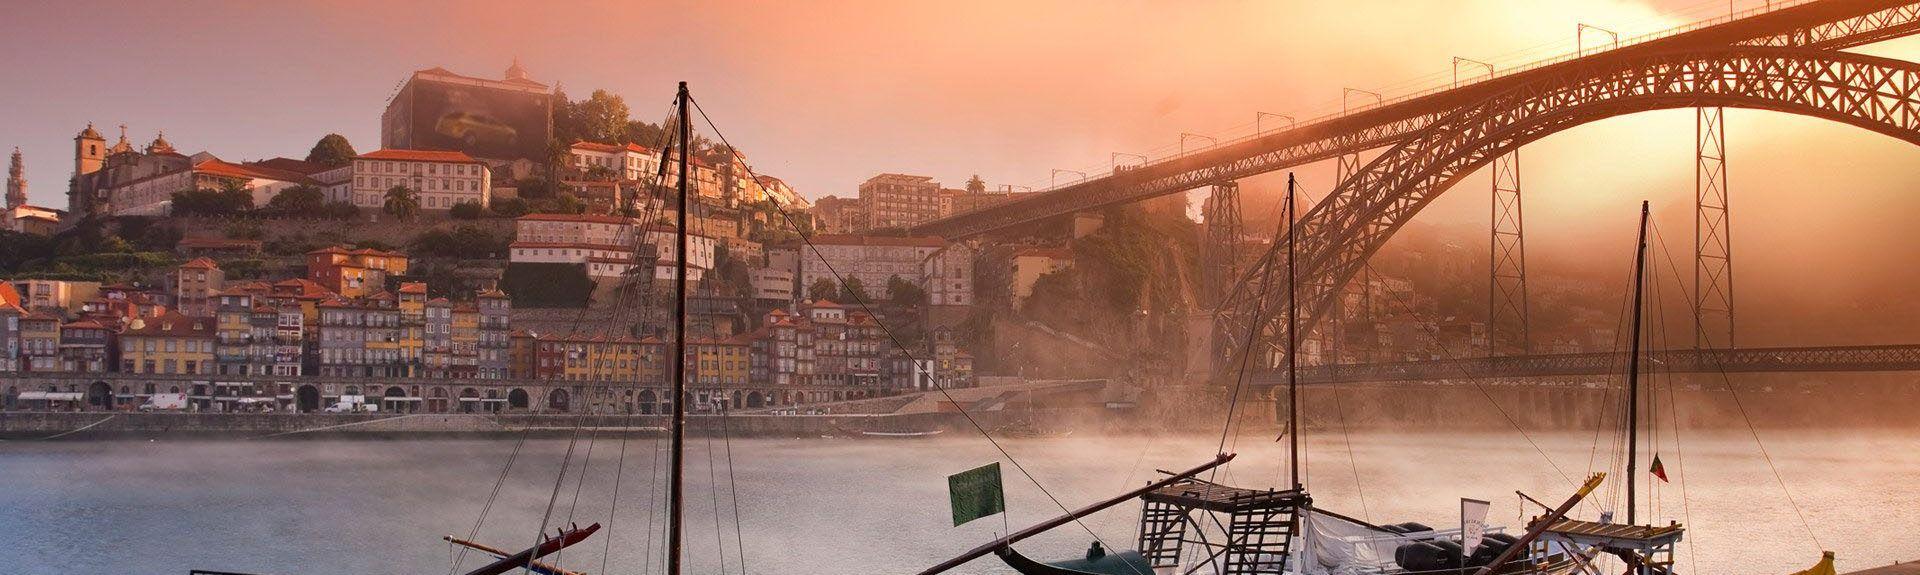 Ramalde, Porto, Porto District, Portugal